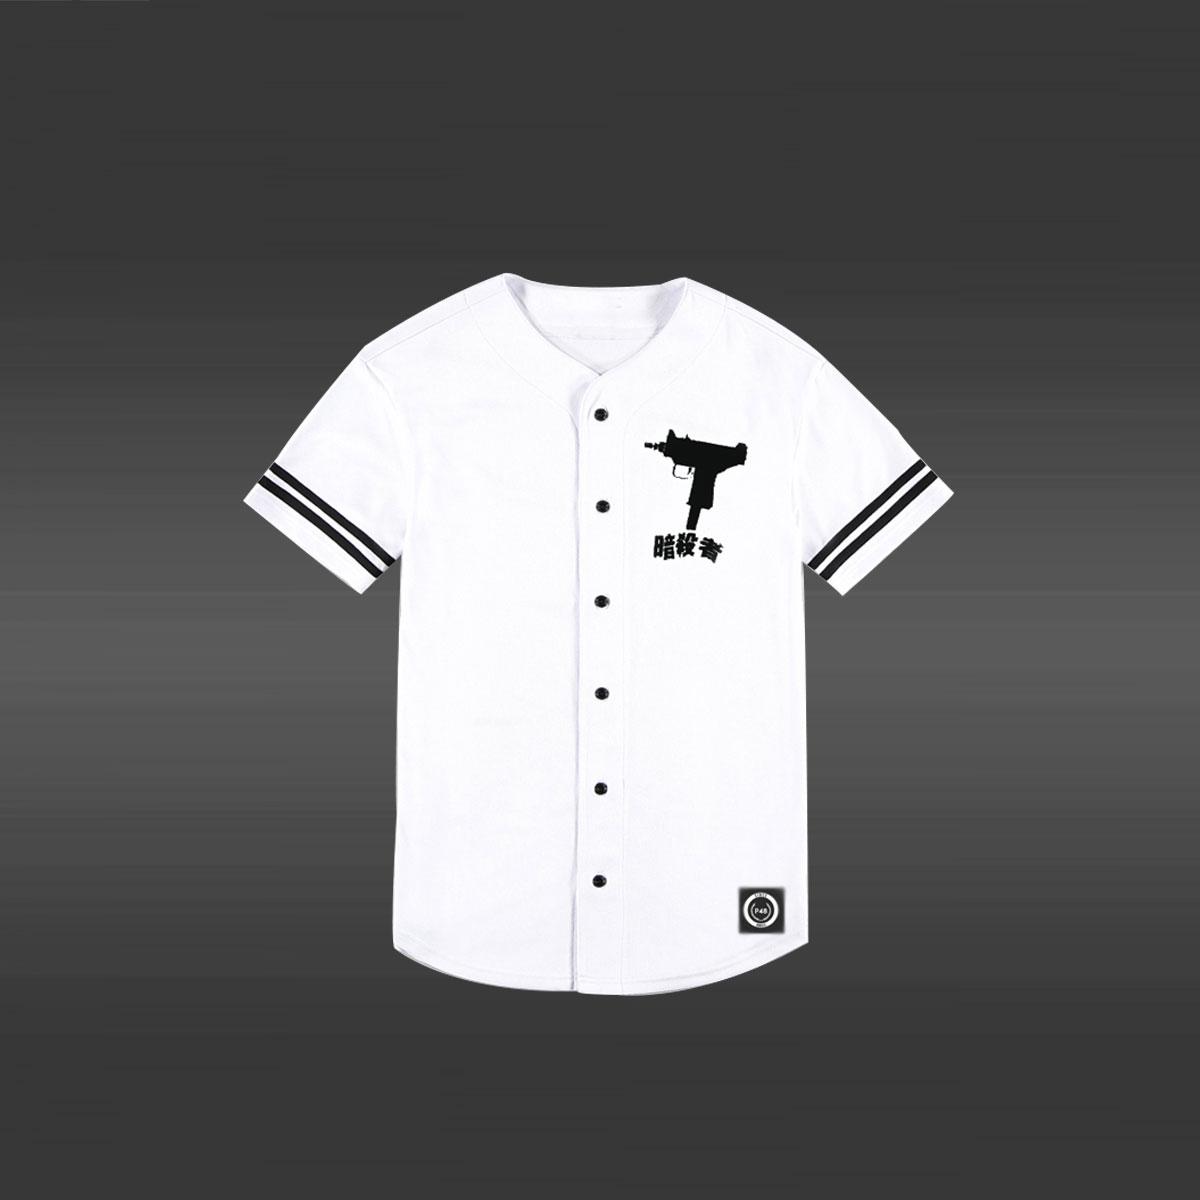 Baseball Jersey - White